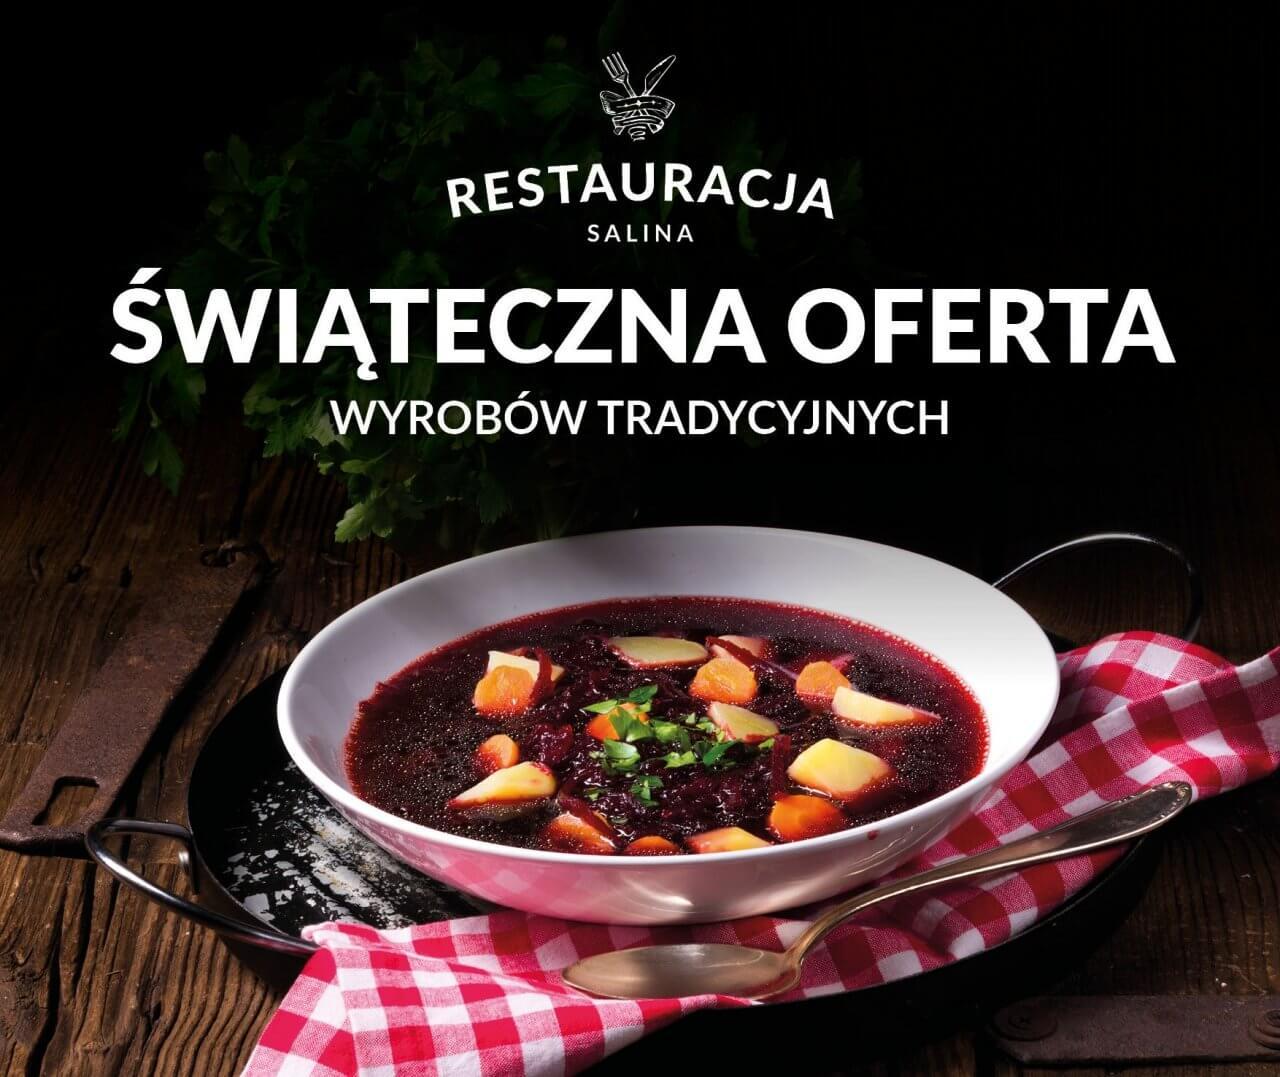 Świąteczna oferta wyrobów tradycyjnych Restauracji Salina